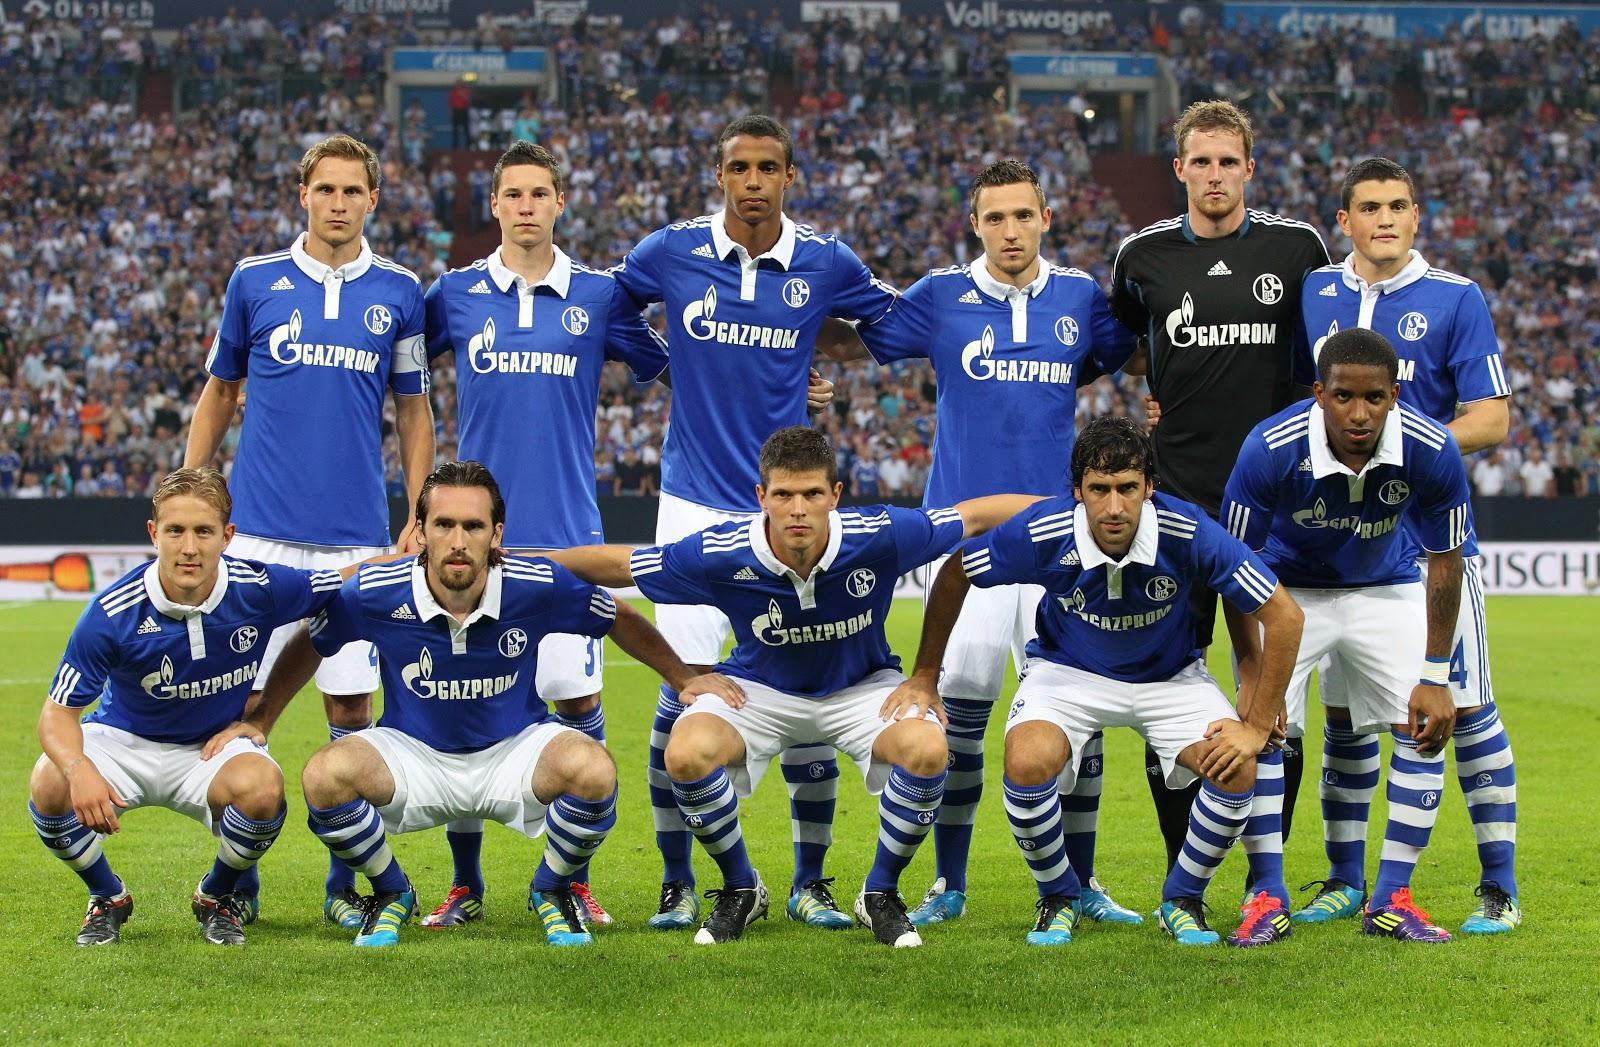 Schalke 04 Mannschaft